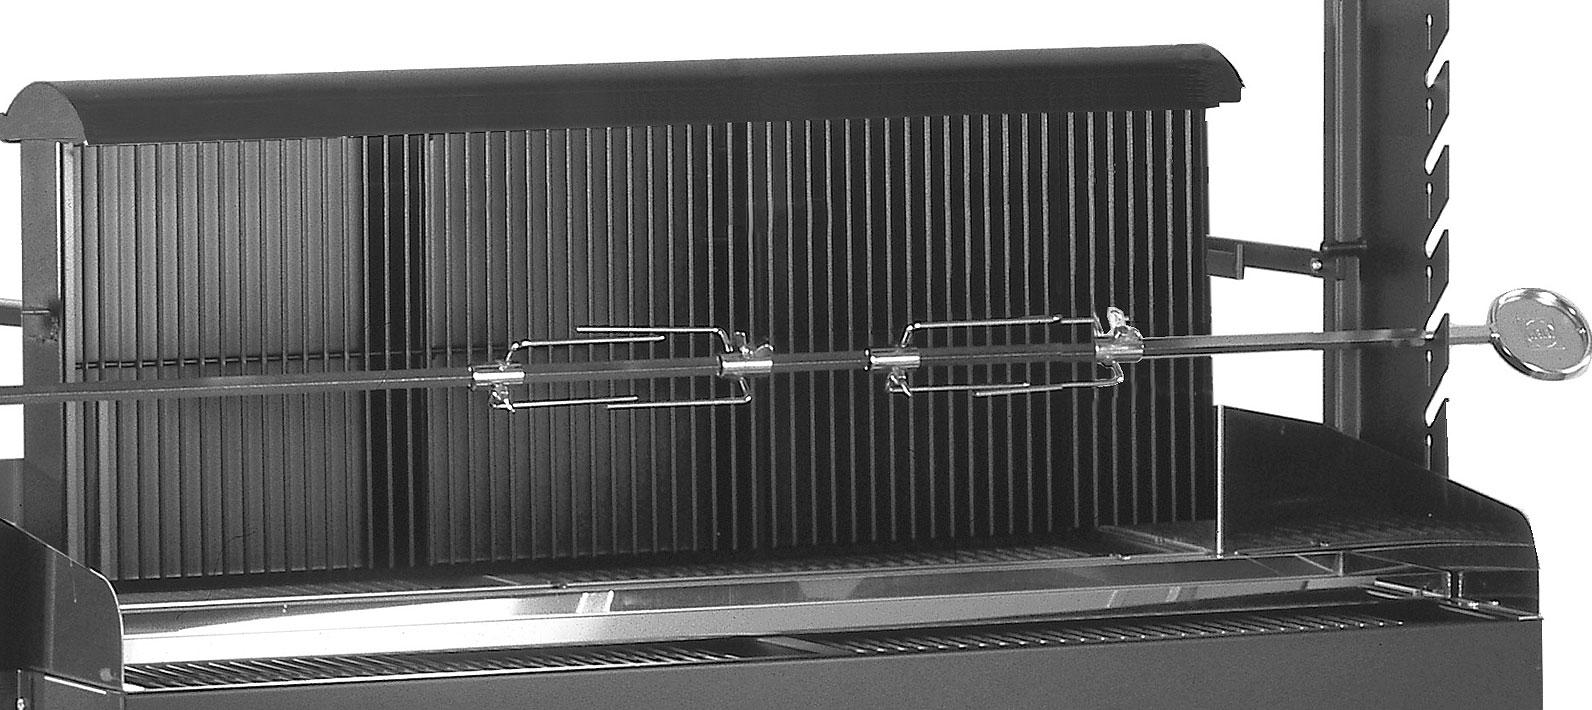 heibi grill profi 51213-028 holzkohlegrill duo-grill - art jardin